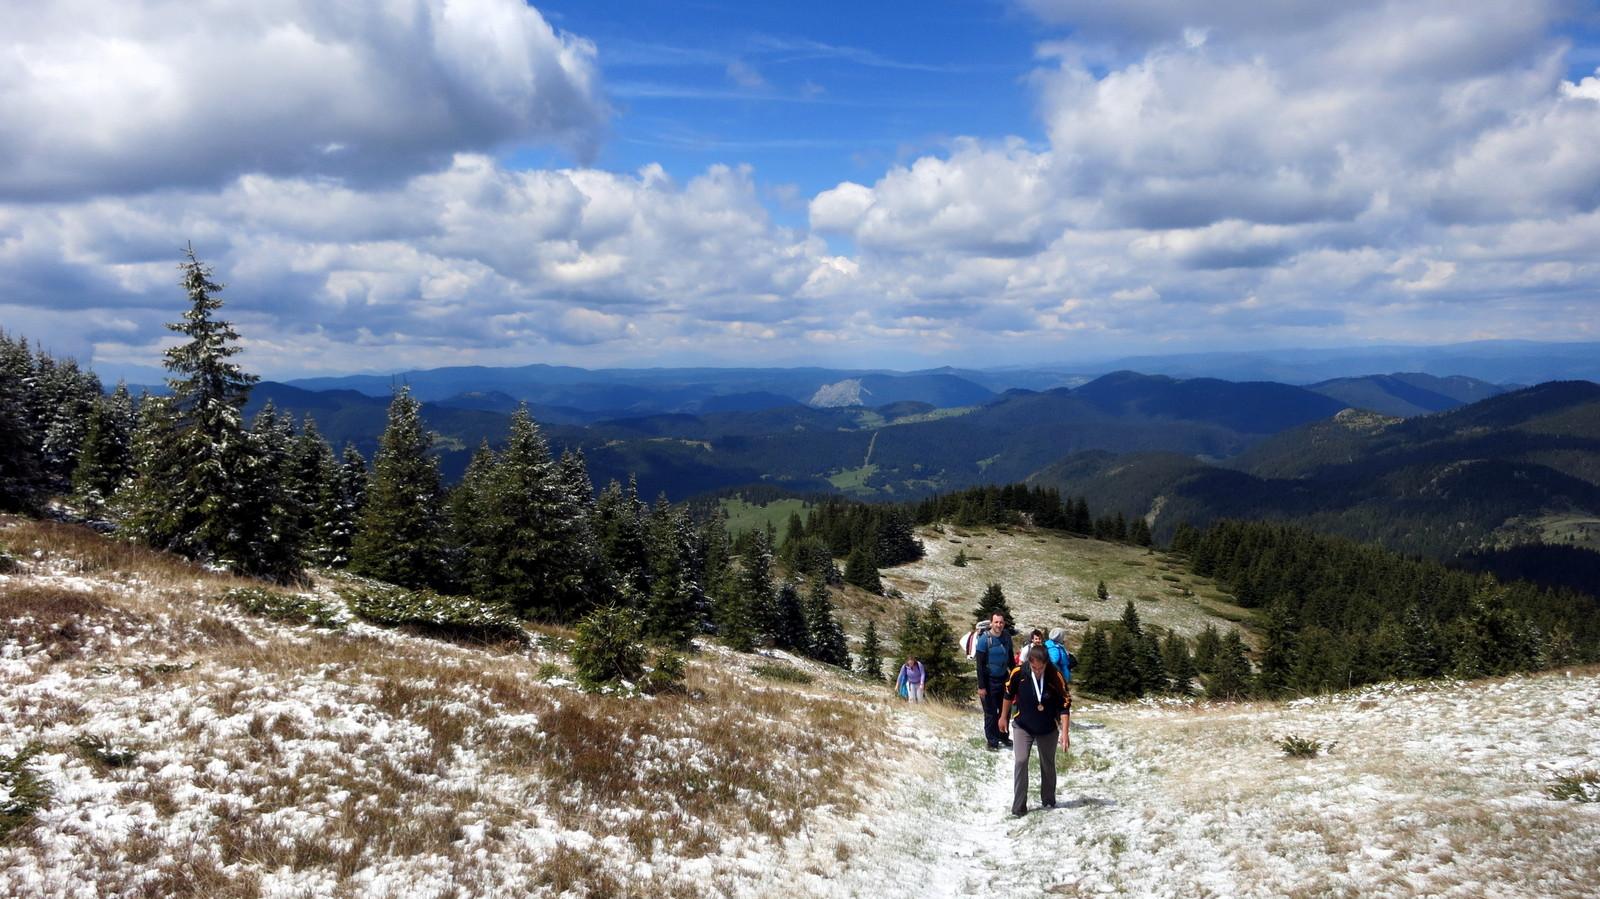 Walking to the top of Mount Karluk near Gela